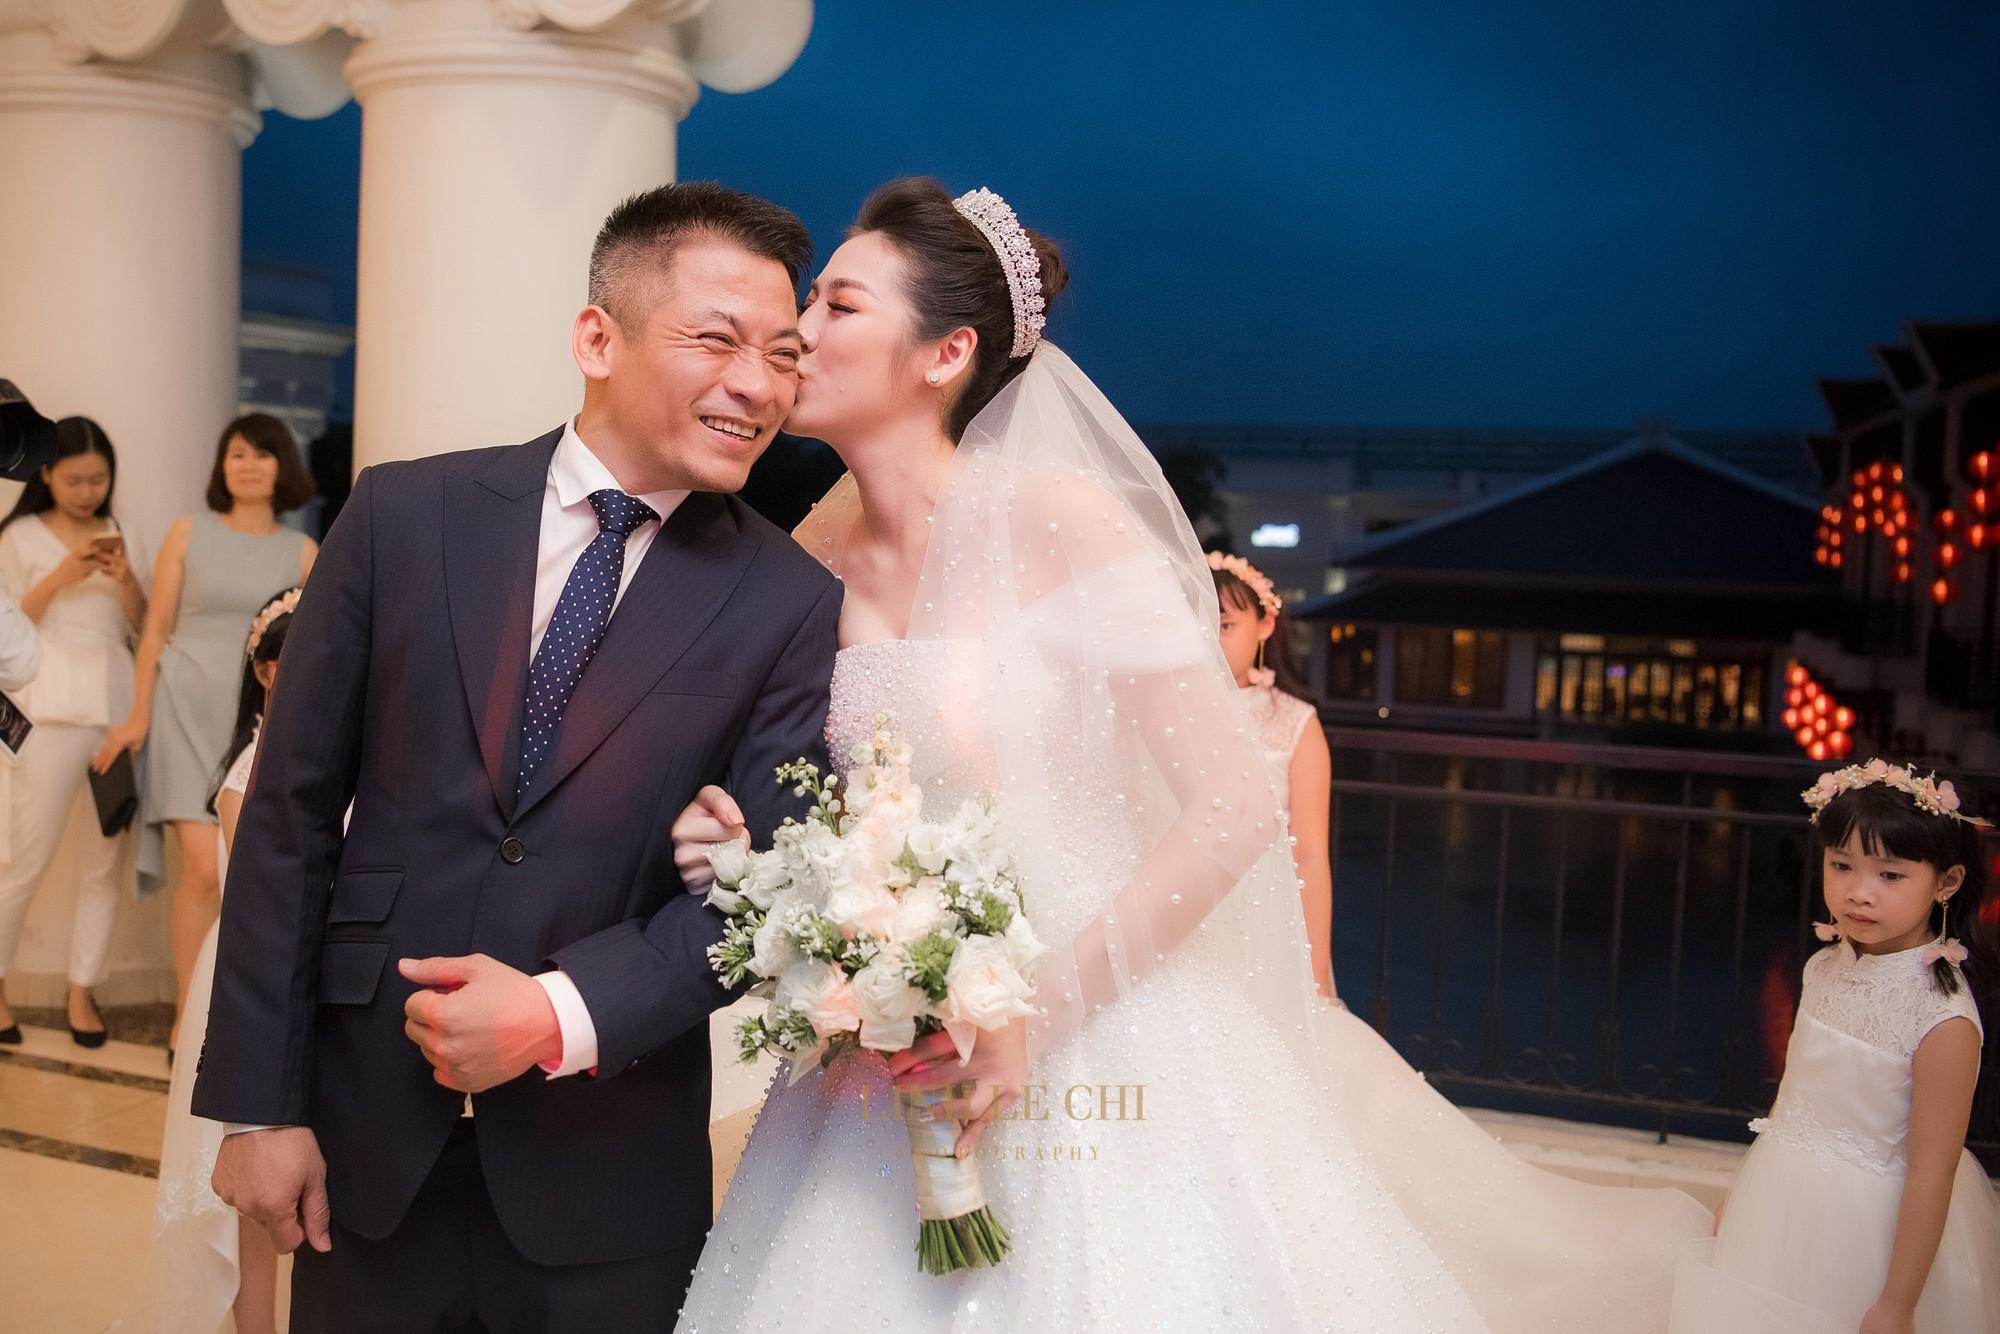 Ảnh đẹp: Á hậu Tú Anh nũng nịu ôm chặt ông xã trong tiệc cưới sang trọng ở Hà Nội - Ảnh 9.